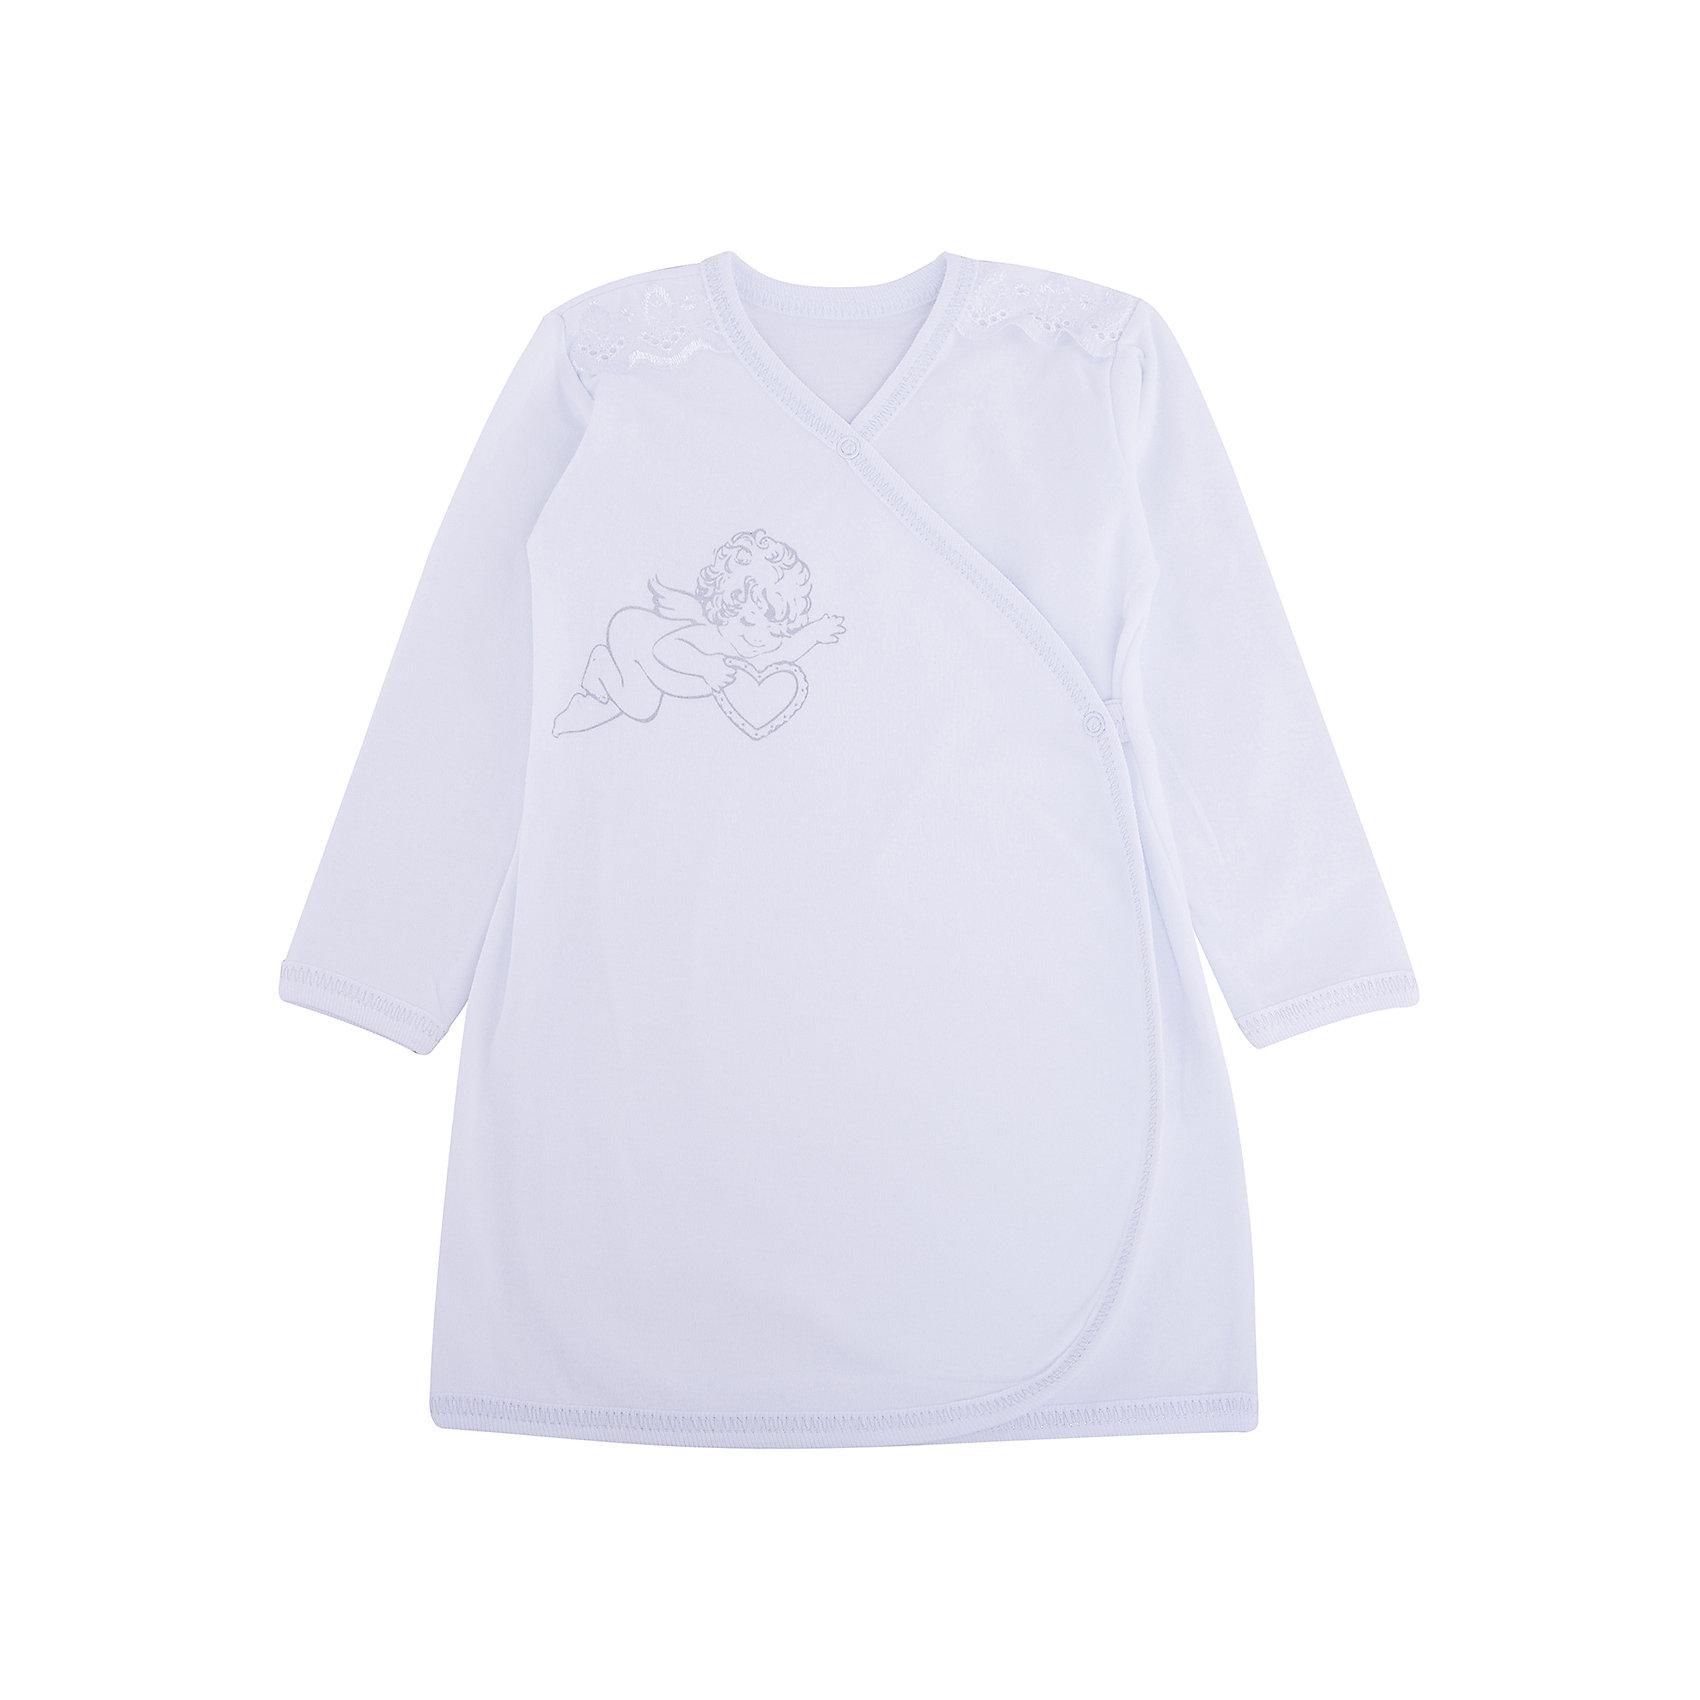 Крестильная рубашка с шитьем, р-р 80,  NewBorn, белыйХарактеристики:<br><br>• Вид детской одежды: рубашка с запахом<br>• Предназначение: для крещения<br>• Коллекция: NewBorn<br>• Сезон: круглый год<br>• Пол: для мальчика<br>• Тематика рисунка: ангелы<br>• Размер: 80<br>• Цвет: белый<br>• Материал: трикотаж, хлопок<br>• Длина рукава: длинные<br>• Запах: спереди<br>• Застежка: спереди на кнопке<br>• Декорирована широкой тесьмой из шитья <br>• Передняя полочка украшена термонаклейкой в виде ангела<br>• Особенности ухода: допускается деликатная стирка без использования красящих и отбеливающих средств<br><br>Крестильная рубашка с шитьем, р-р 80, NewBorn, белый из коллекции NewBorn от отечественного швейного производства ТексПром предназначена для создания праздничного образа мальчика во время торжественного обряда крещения. Коллекция NewBorn сочетает в себе классические и современные тенденции в мире моды для новорожденных, при этом сохраняются самые лучшие традиции при технологии изготовления детской одежды: свободный крой, внешние швы и натуральные ткани.  Рубашка с длинными рукавами выполнена из трикотажа, все края которой обработаны трикотажной бейкой. Изделие имеет передний запах с застежкой на кнопке, что обеспечивает его легкое одевание. Праздничный образ создается за счет отделки из широкого шитья на плечиках и термонаклейки на передней полочке в виде ангела. <br><br>Крестильную рубашку с шитьем, р-р 80, NewBorn, белый можно купить в нашем интернет-магазине.<br><br>Ширина мм: 220<br>Глубина мм: 5<br>Высота мм: 400<br>Вес г: 200<br>Возраст от месяцев: 9<br>Возраст до месяцев: 12<br>Пол: Мужской<br>Возраст: Детский<br>SKU: 4912527